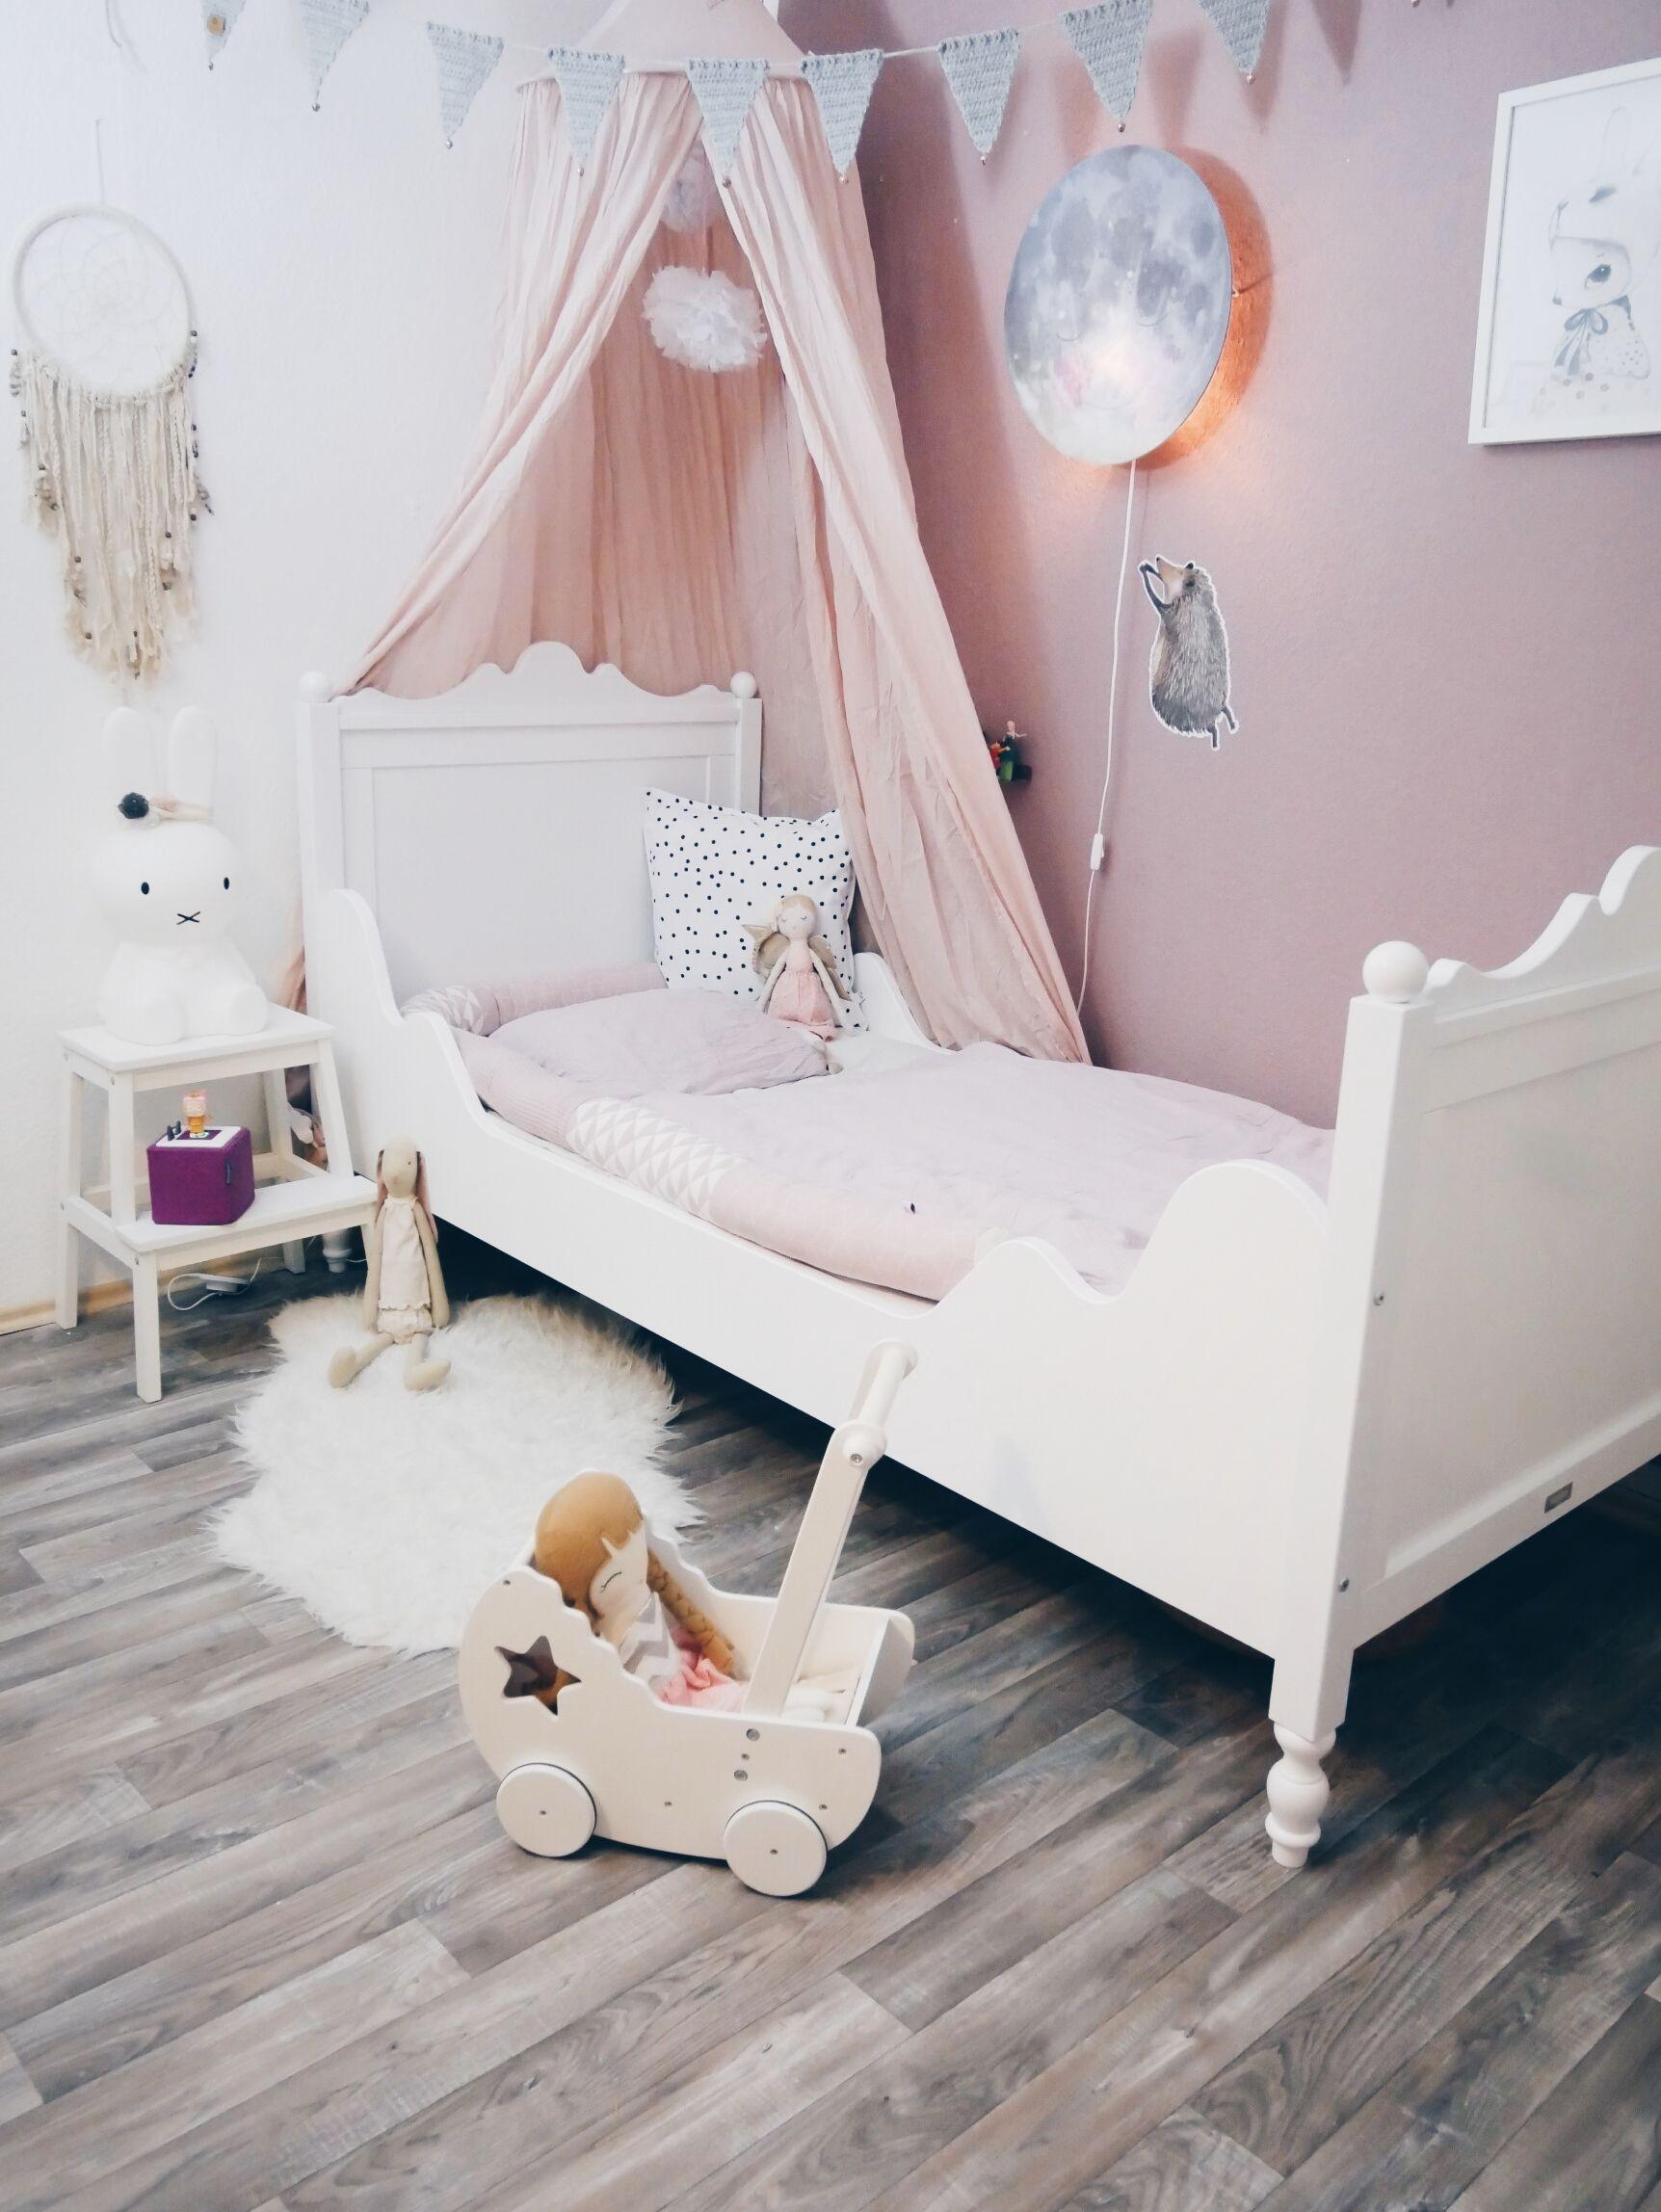 Betthimmel Traumfanger Jollyroomde Madchen Bett Bett Und